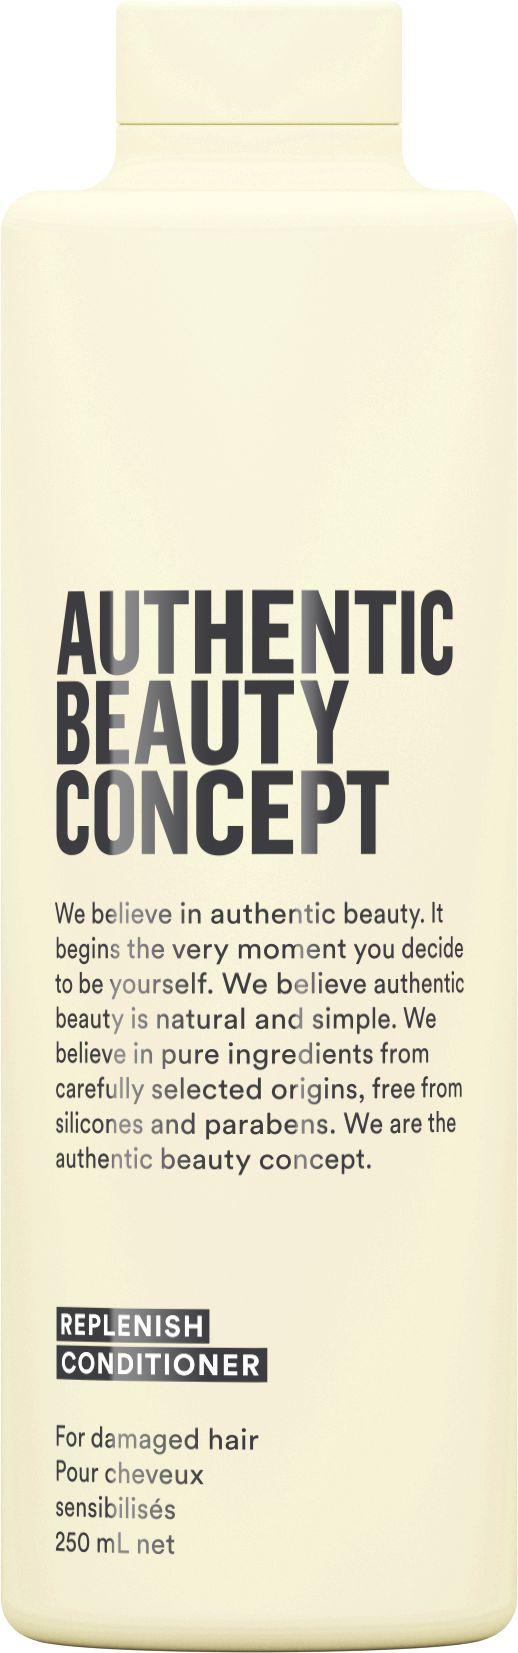 Authentic Beauty Concept Replenish Odżywka Odbudowująca 250ml